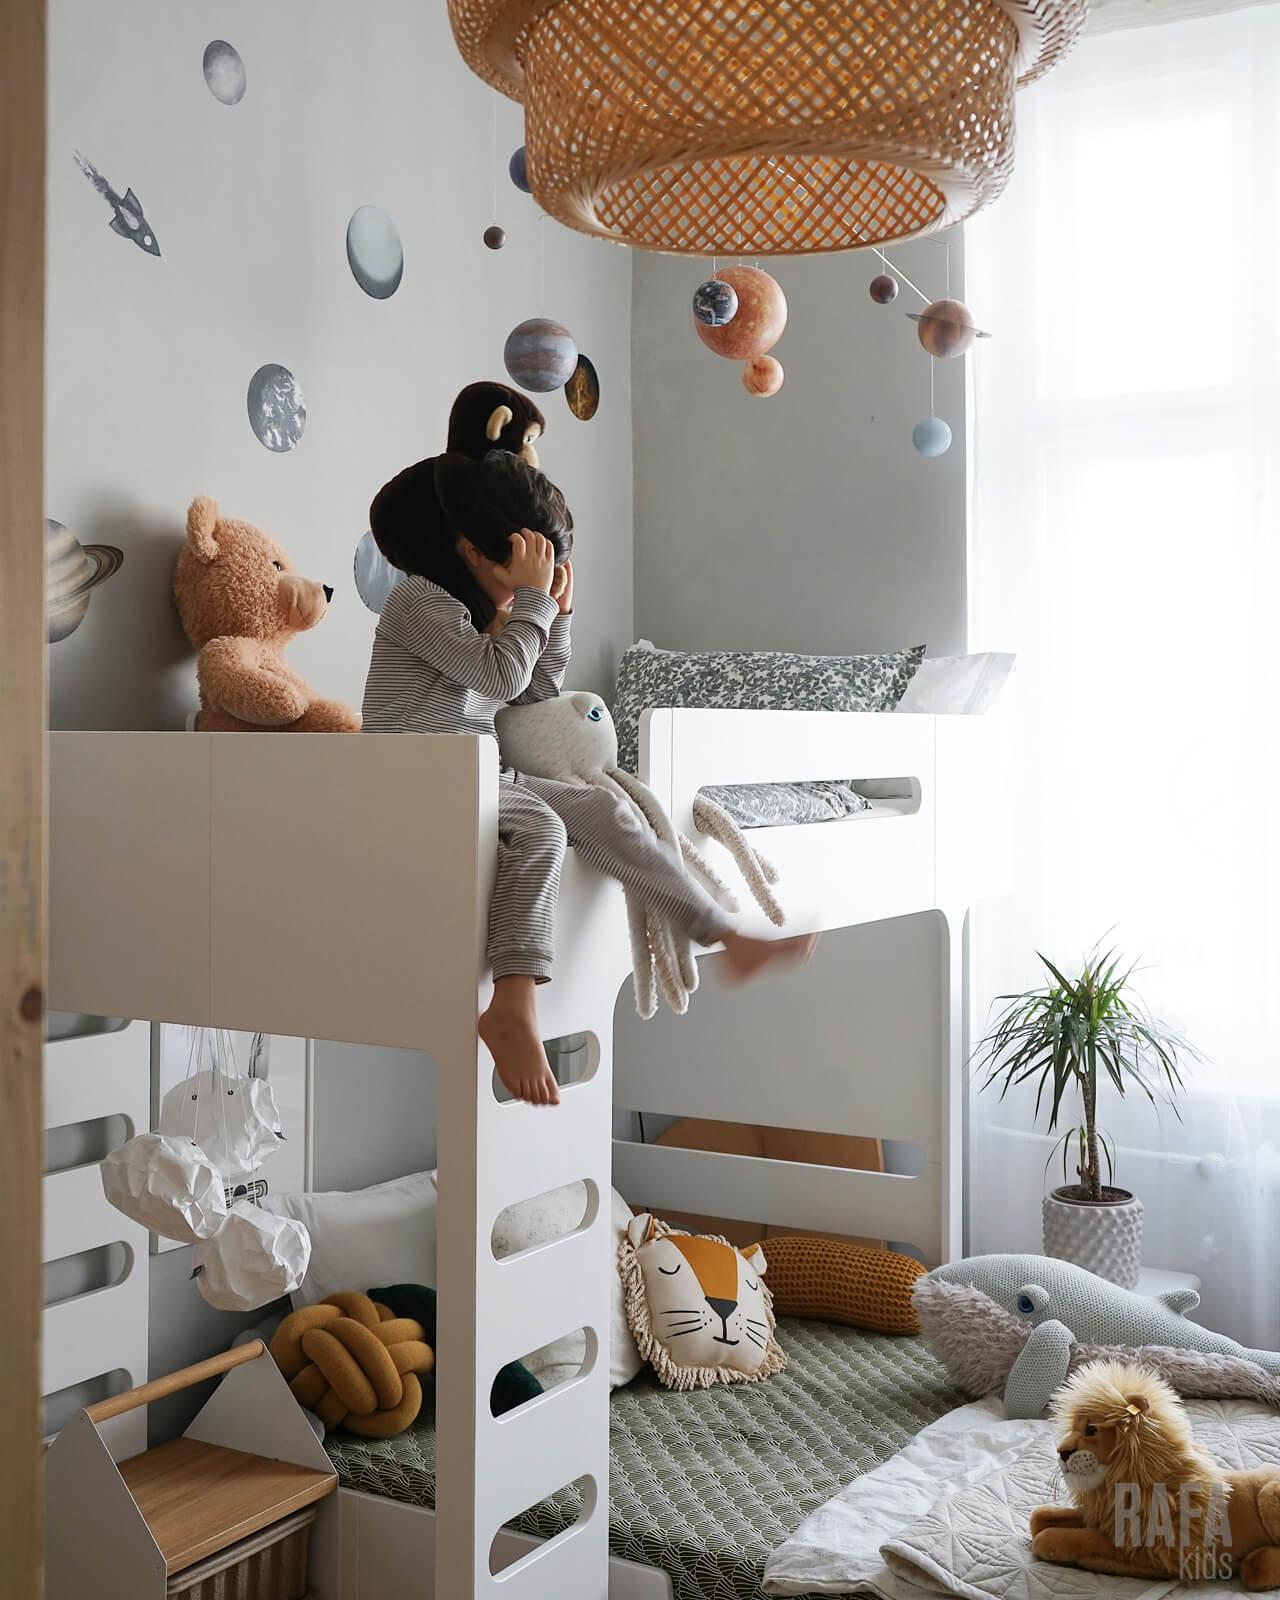 Rafa-kids F&A120 bed set